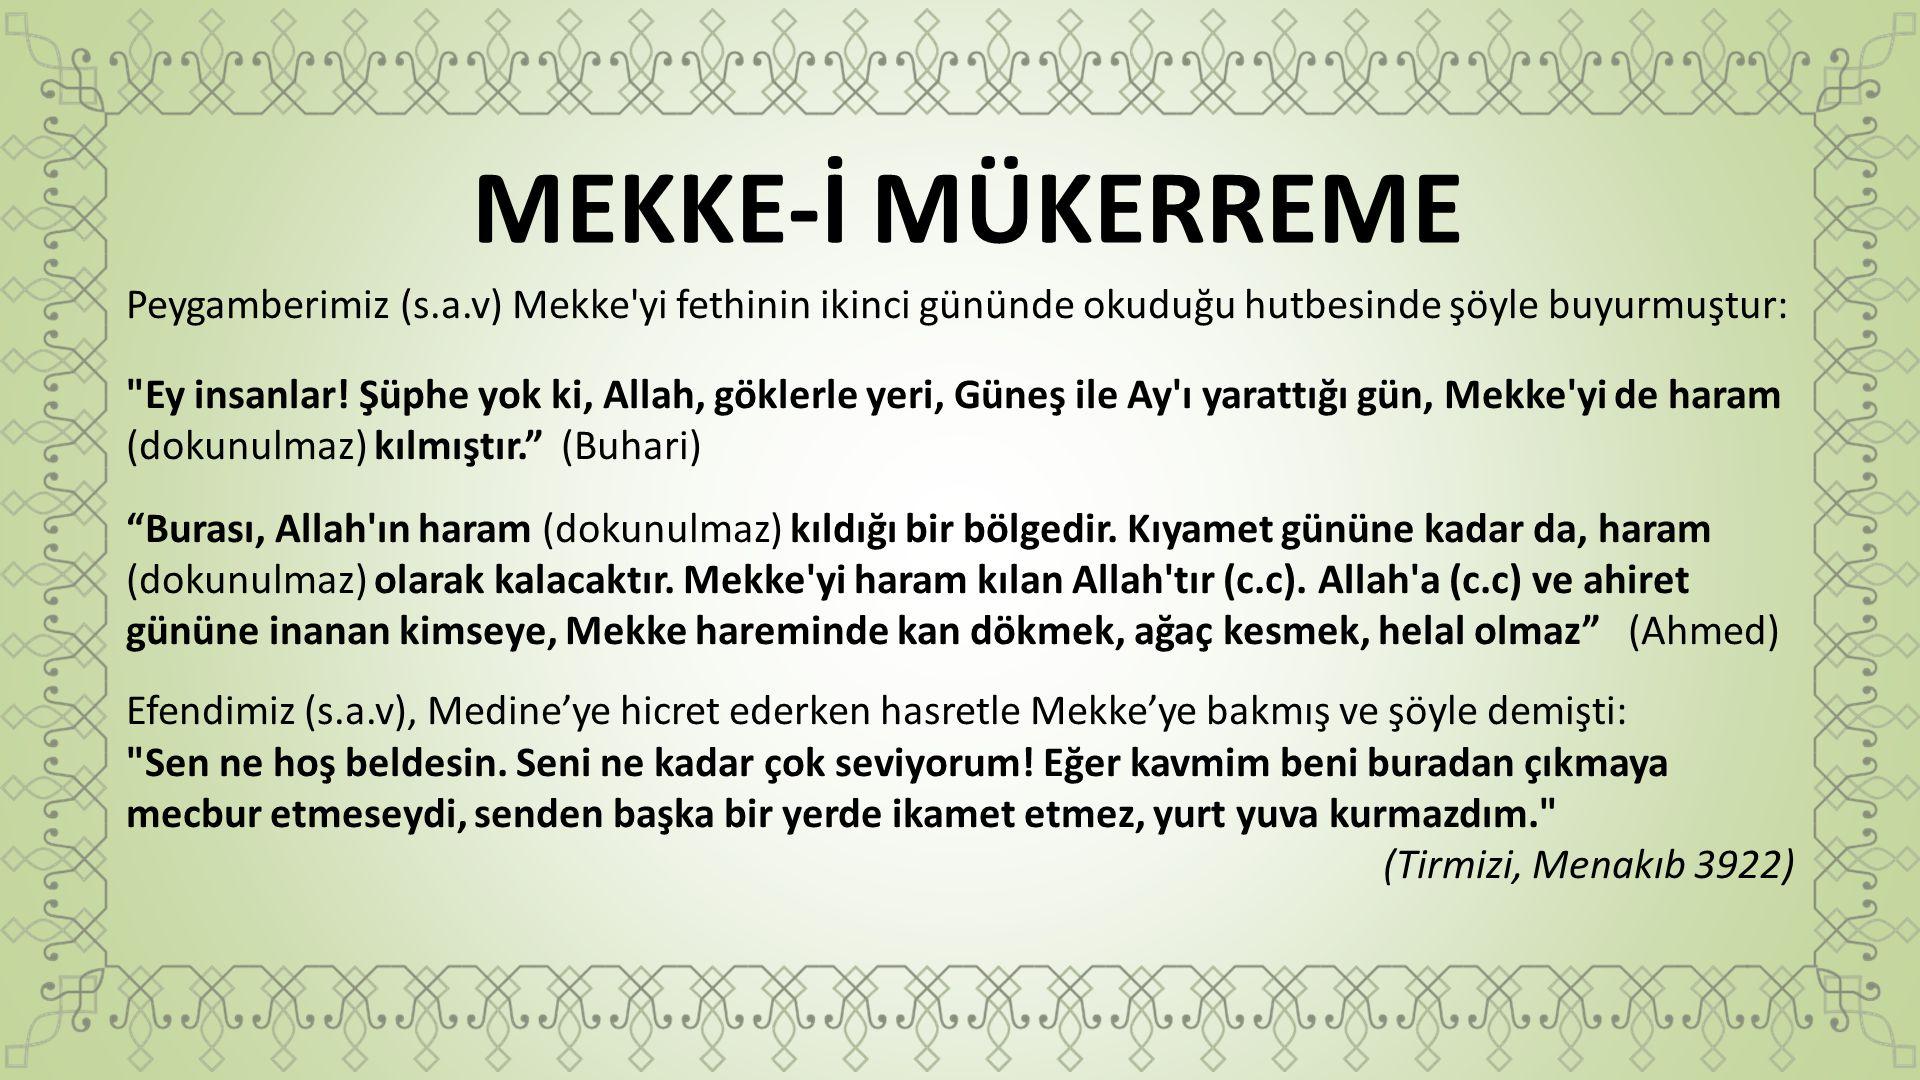 MEKKE-İ MÜKERREME Peygamberimiz (s.a.v) Mekke'yi fethinin ikinci gününde okuduğu hutbesinde şöyle buyurmuştur: